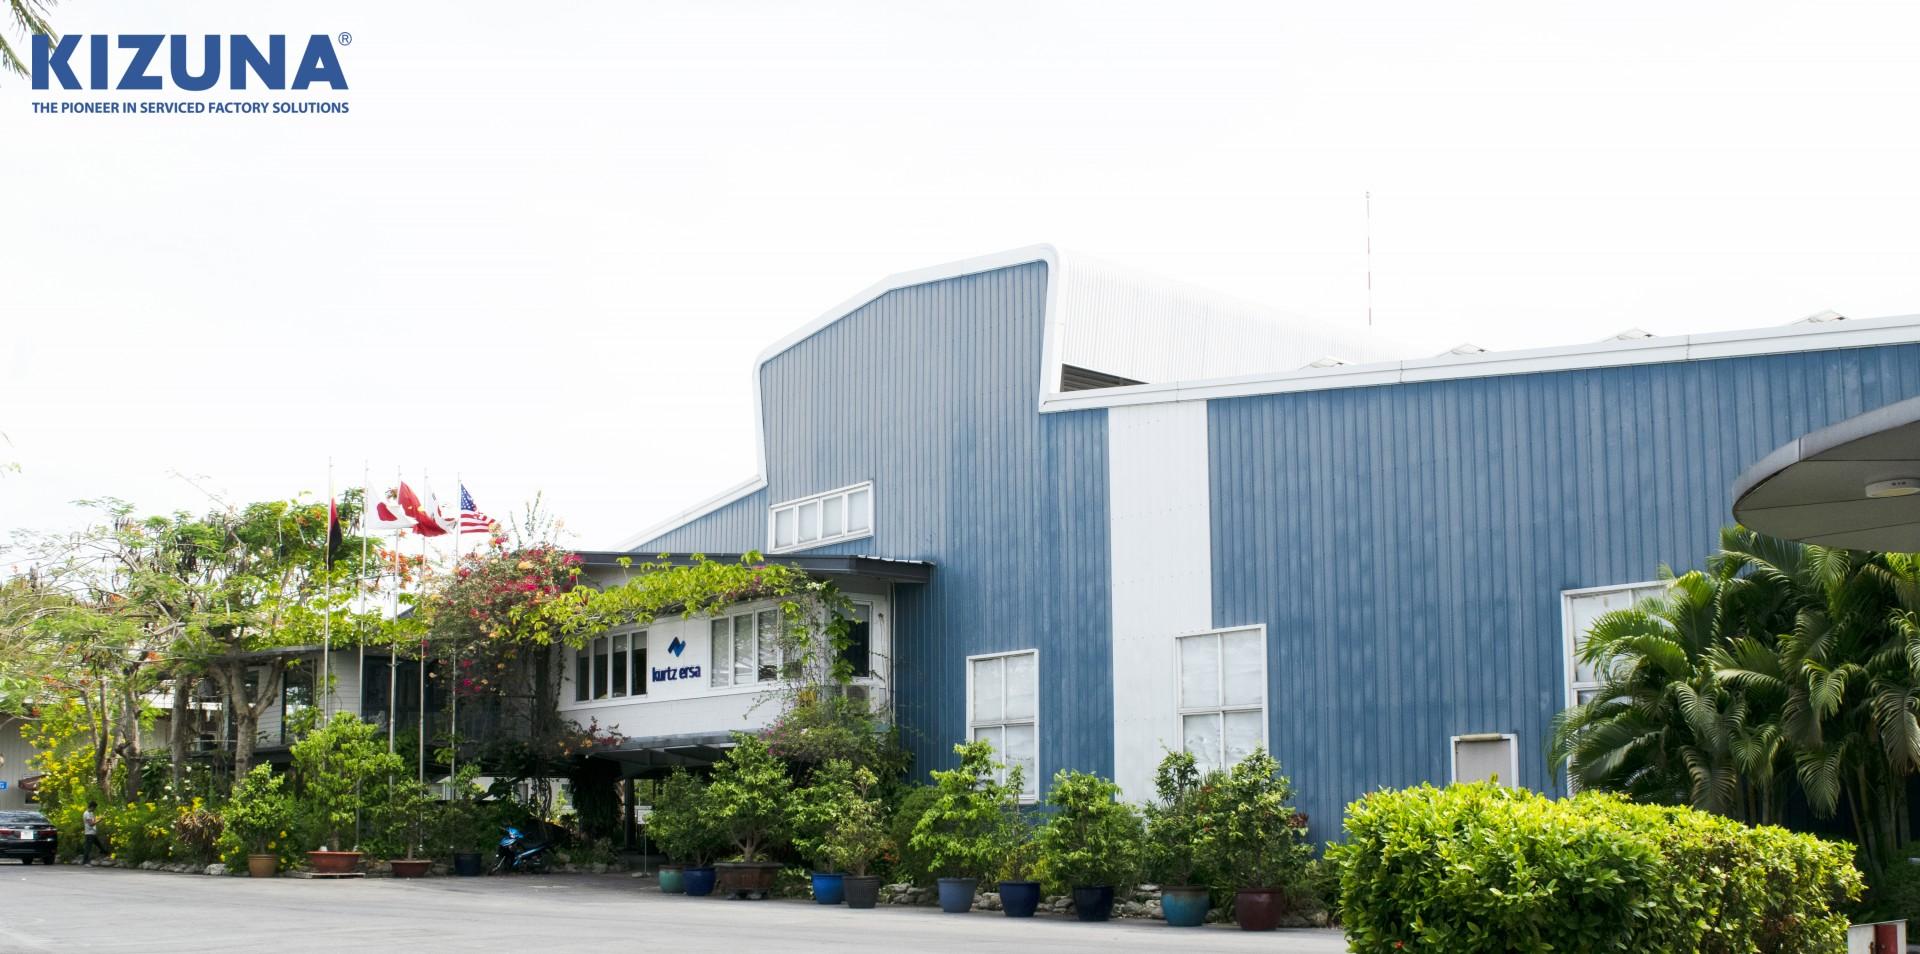 베트남의 공장